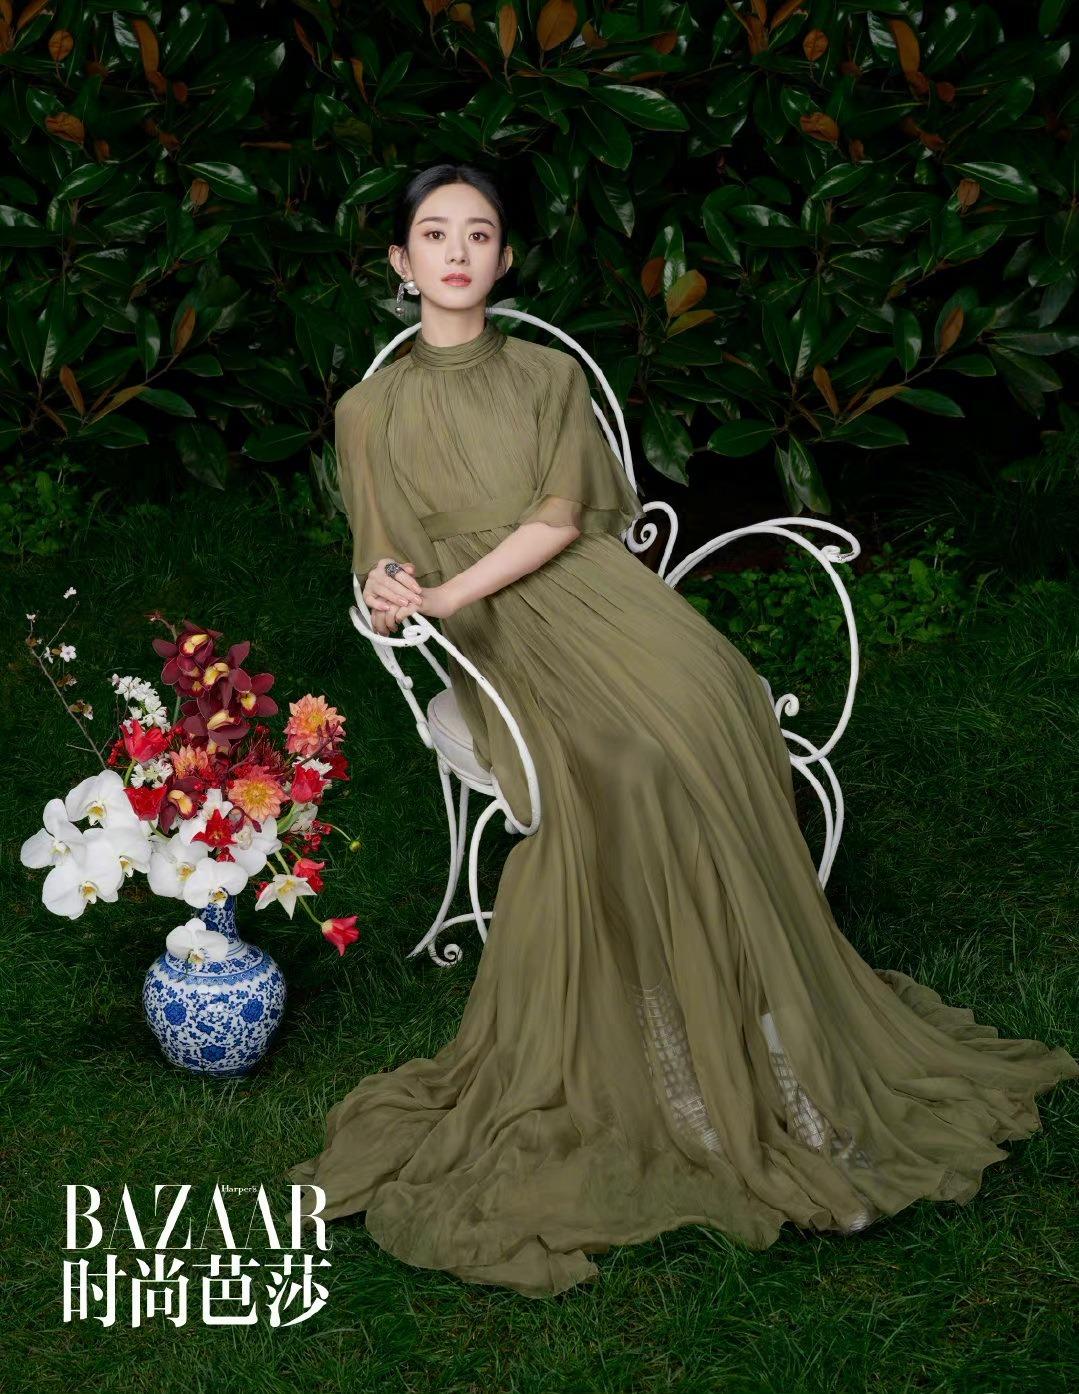 Phong cách thời trang chuẩn 'đẳng cấp quốc tế' của Triệu Lệ Dĩnh, dát Haute Couture đều như cơm bữa 4